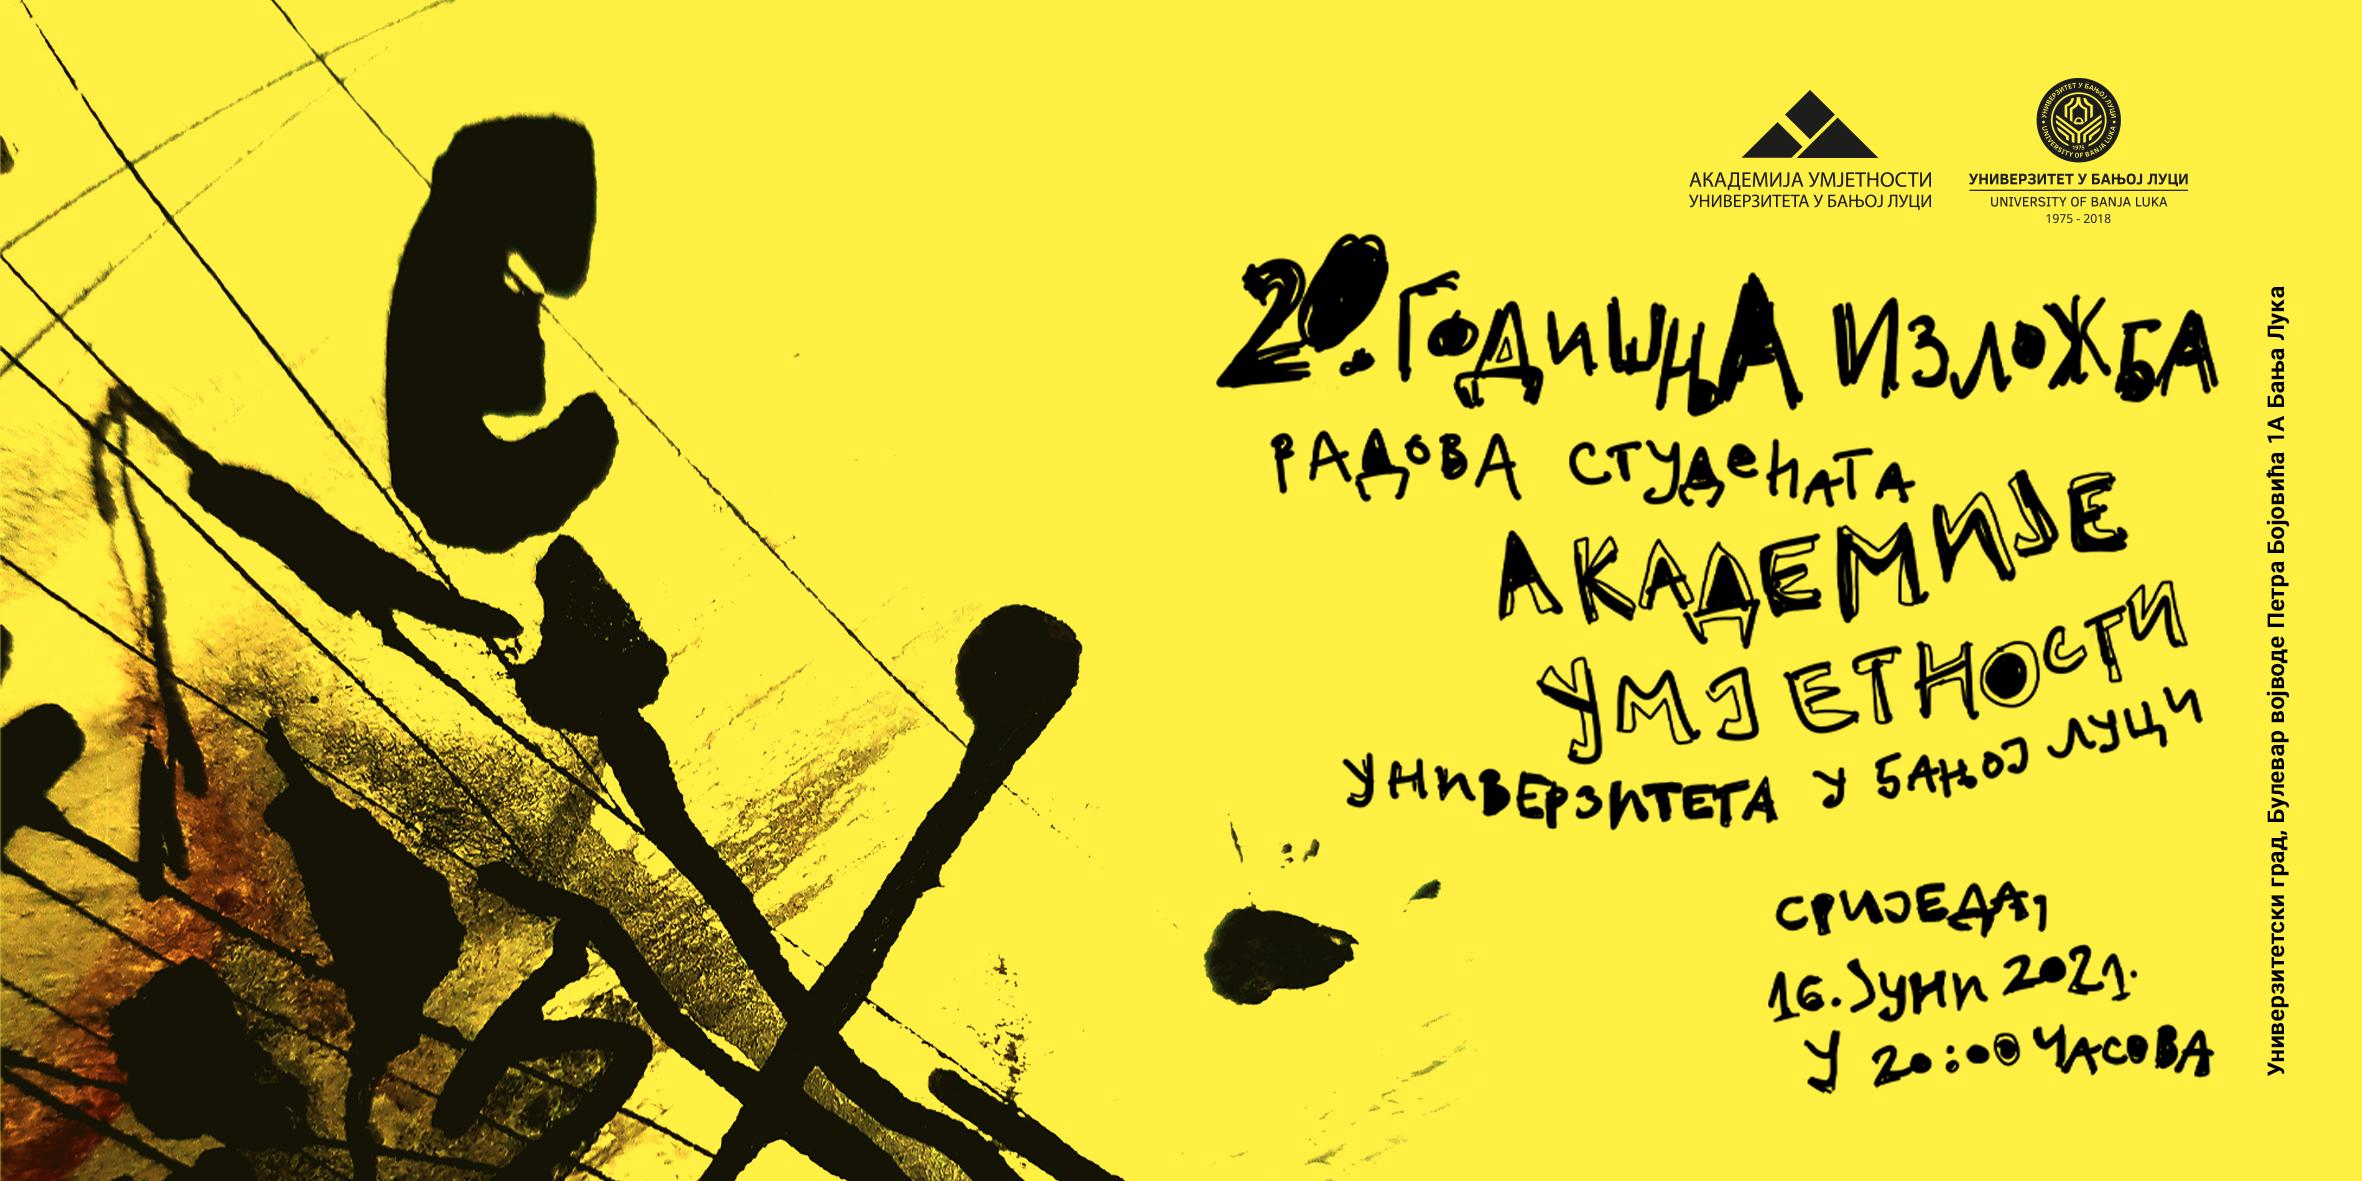 20. годишња изложба радова студената Академије умјетности Универзитета у Бањој Луци